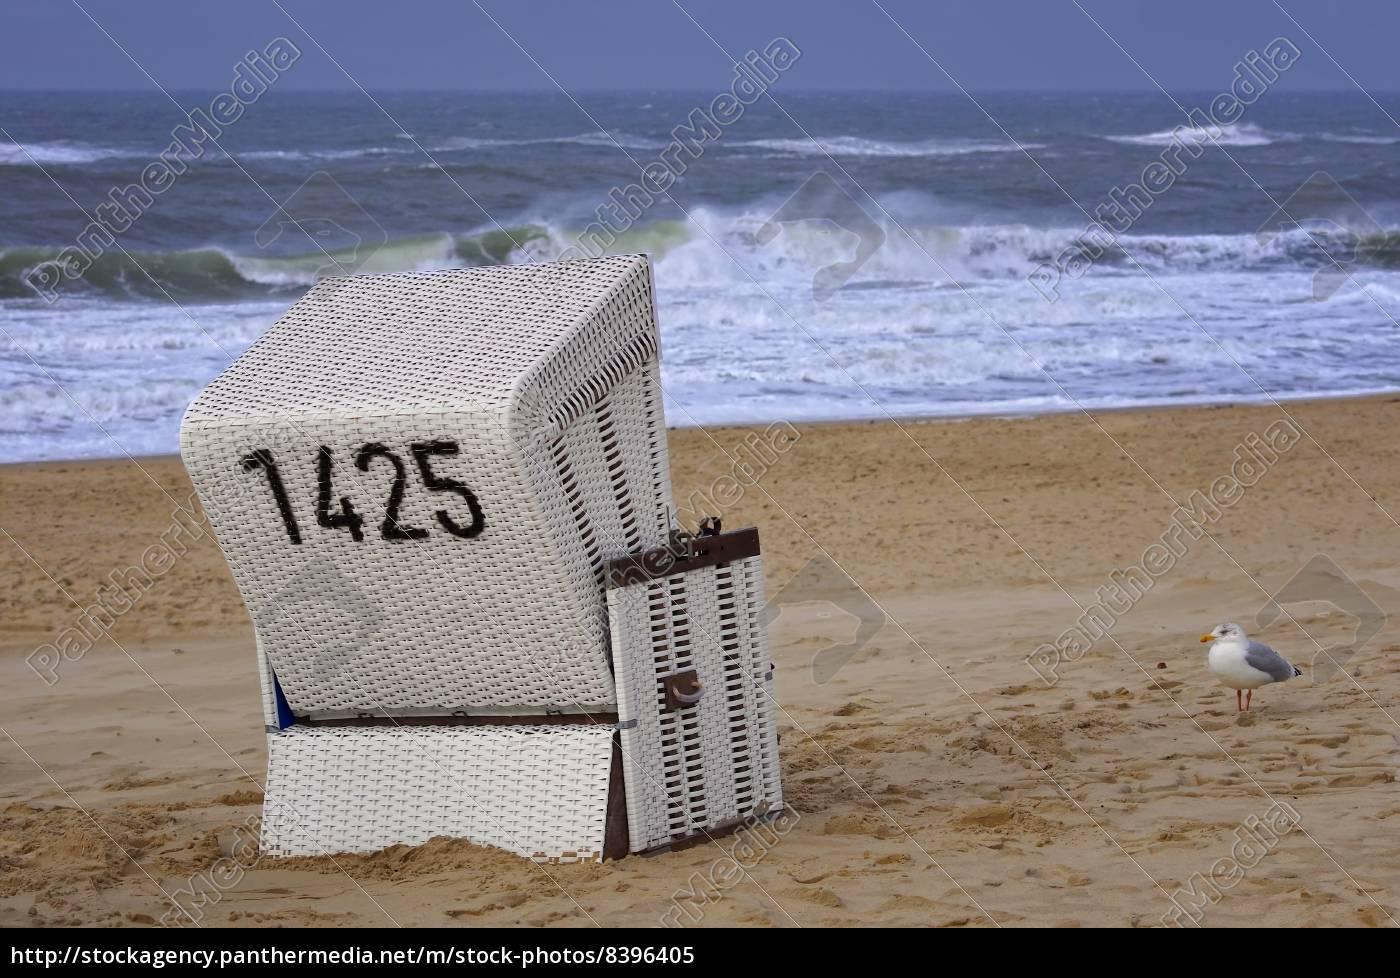 Strandkorb nordsee  Strandkorb an der Nordsee mit Möwe - Lizenzfreies Bild - #8396405 ...